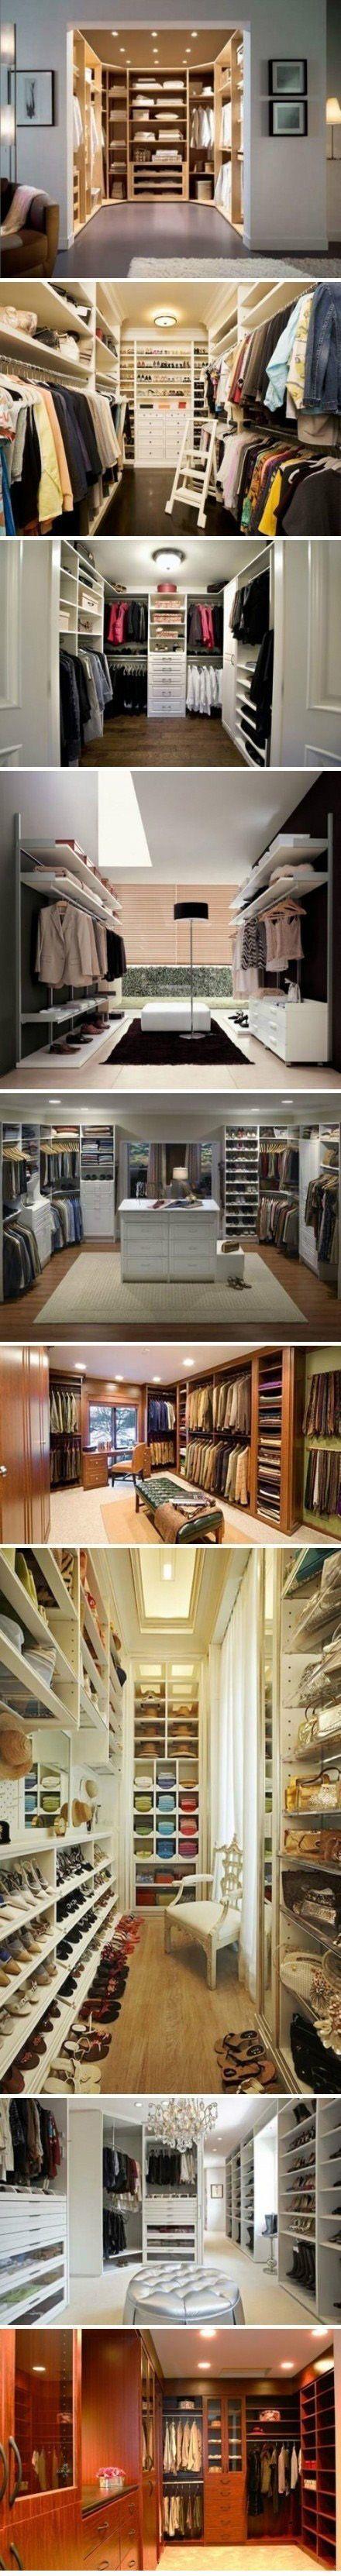 closet closet closet: Walks In Wardrobes, Big Closet, Dreams Closet, Dreams House, Master Closet, Closet Space, Walks In Closet, Closet Ideas, Dresses Rooms